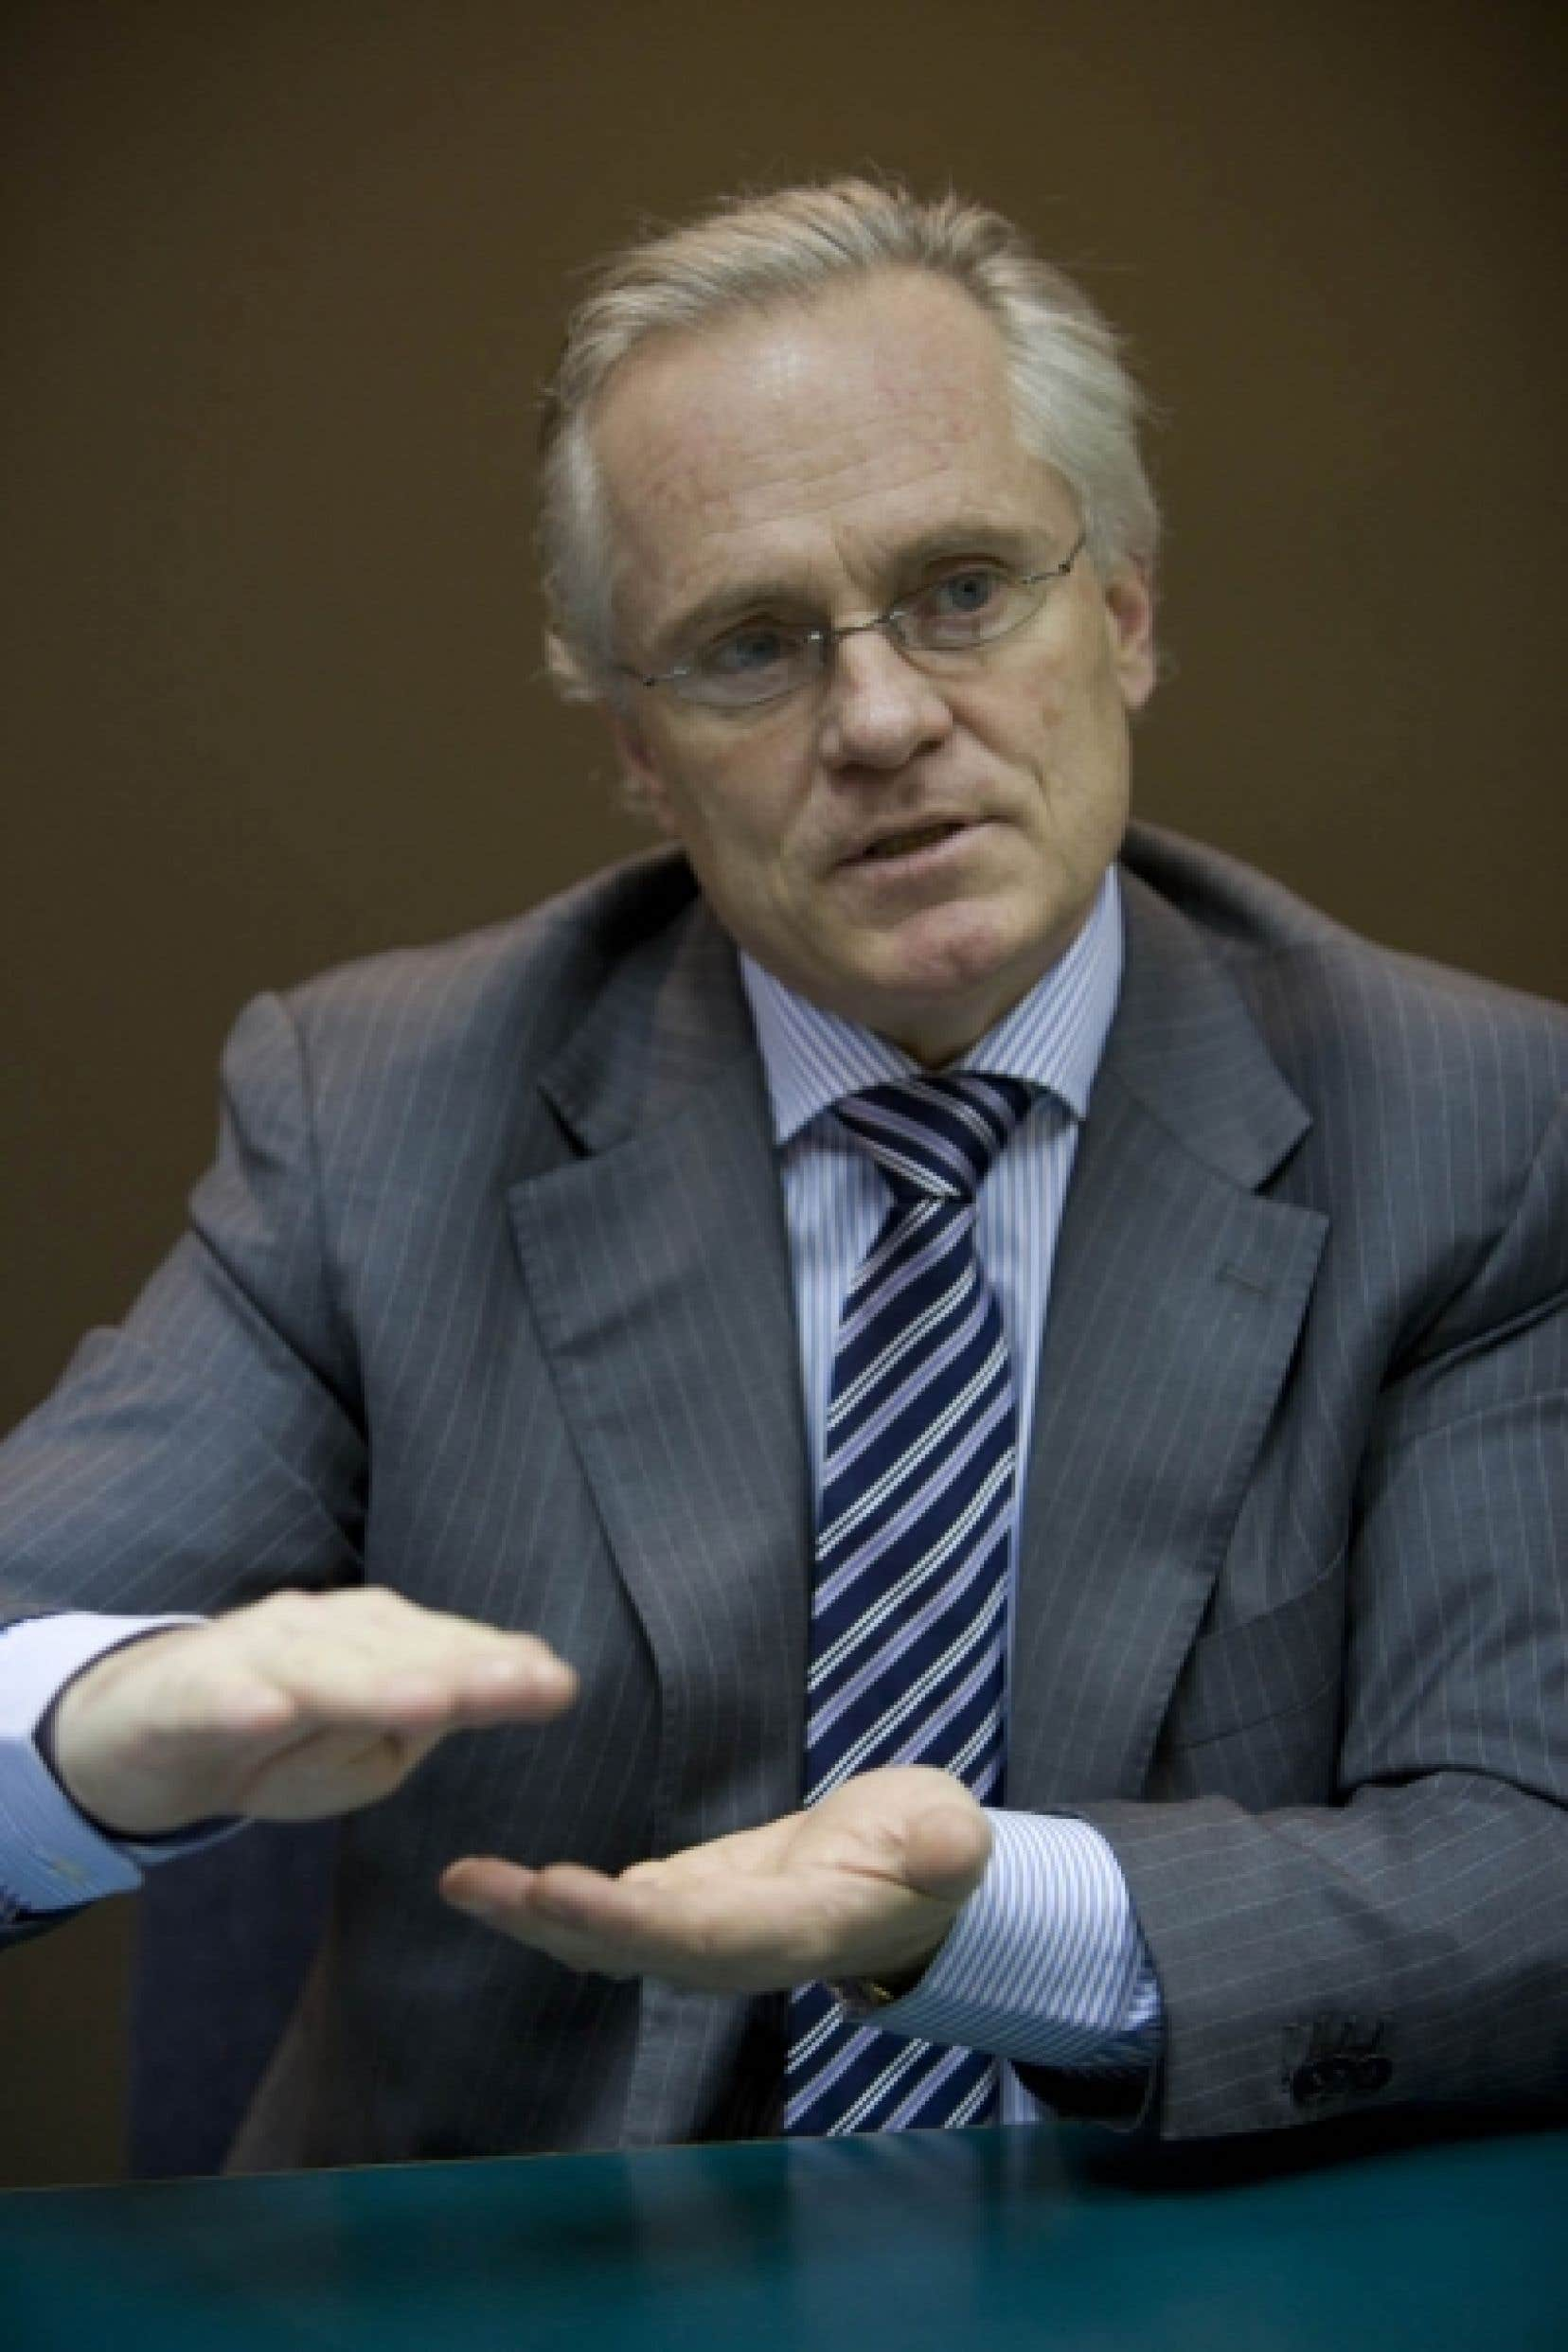 Le président-directeur général de Questerre, Michael Binnion